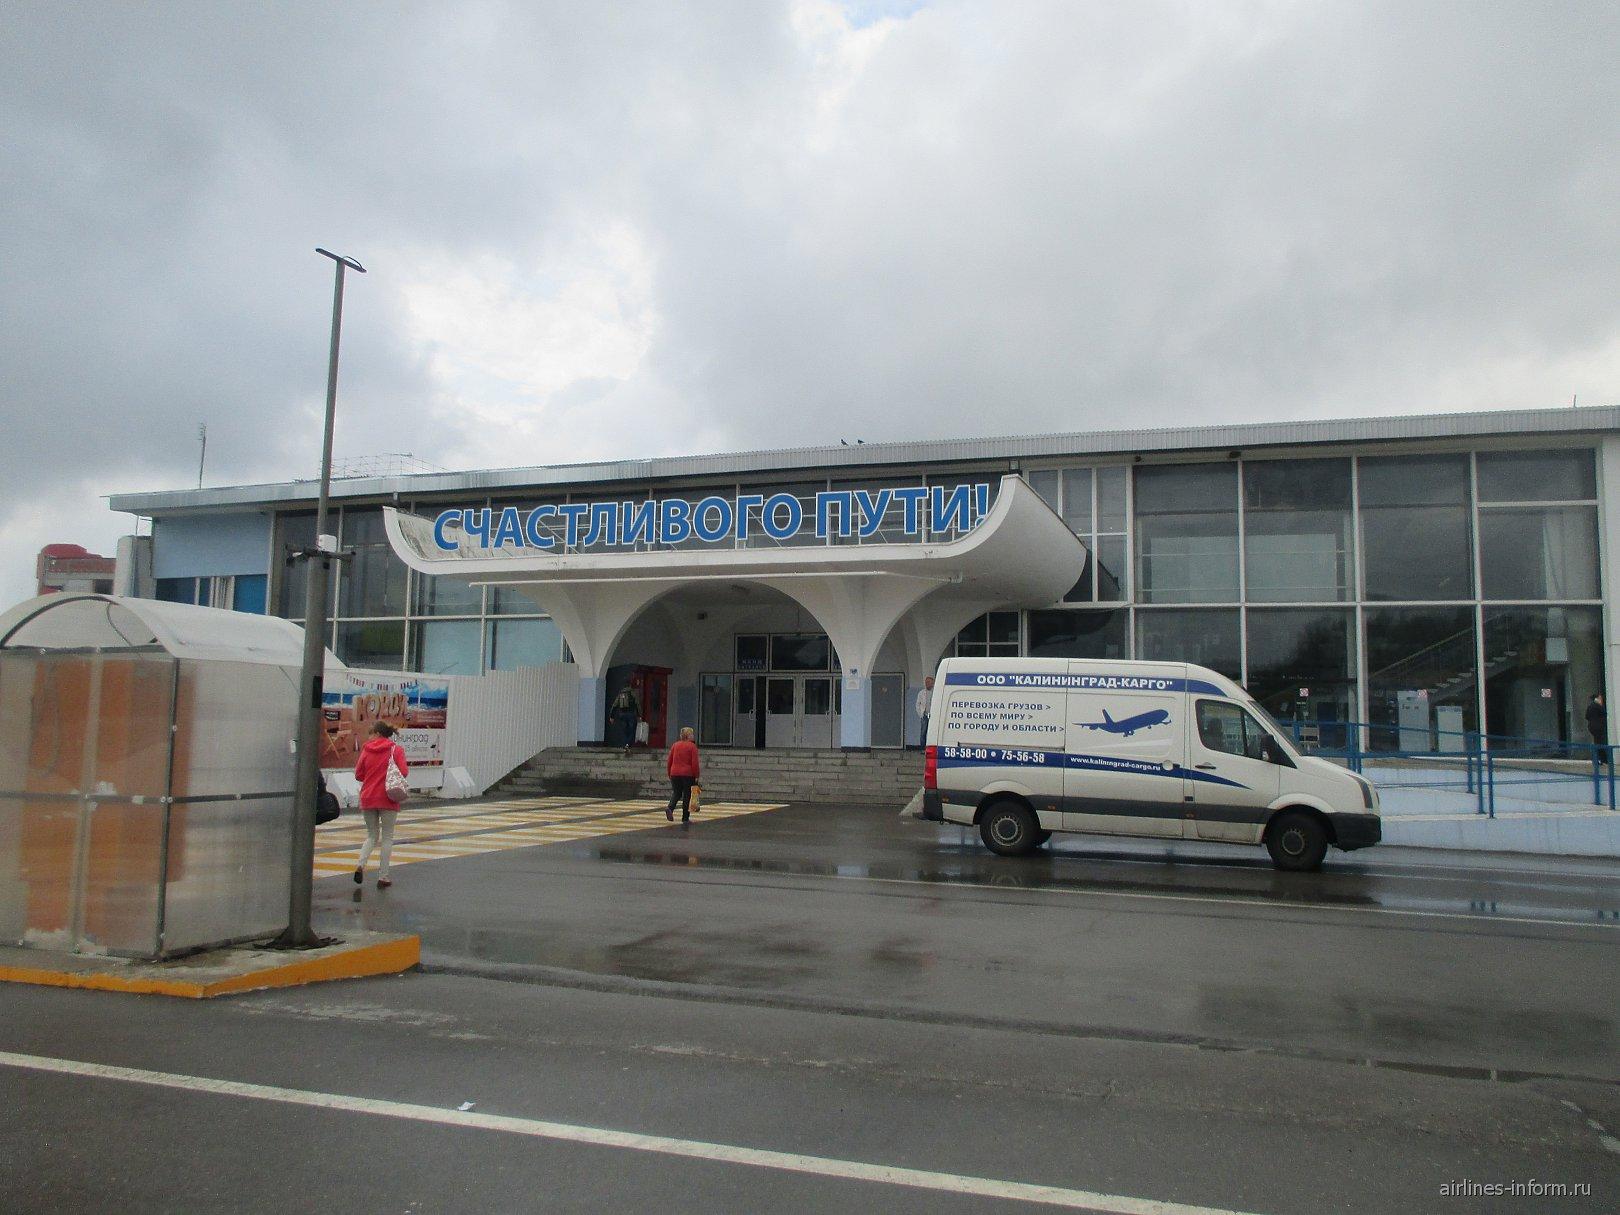 Вход в аэровокзал аэропорта Храброво в Калининграде